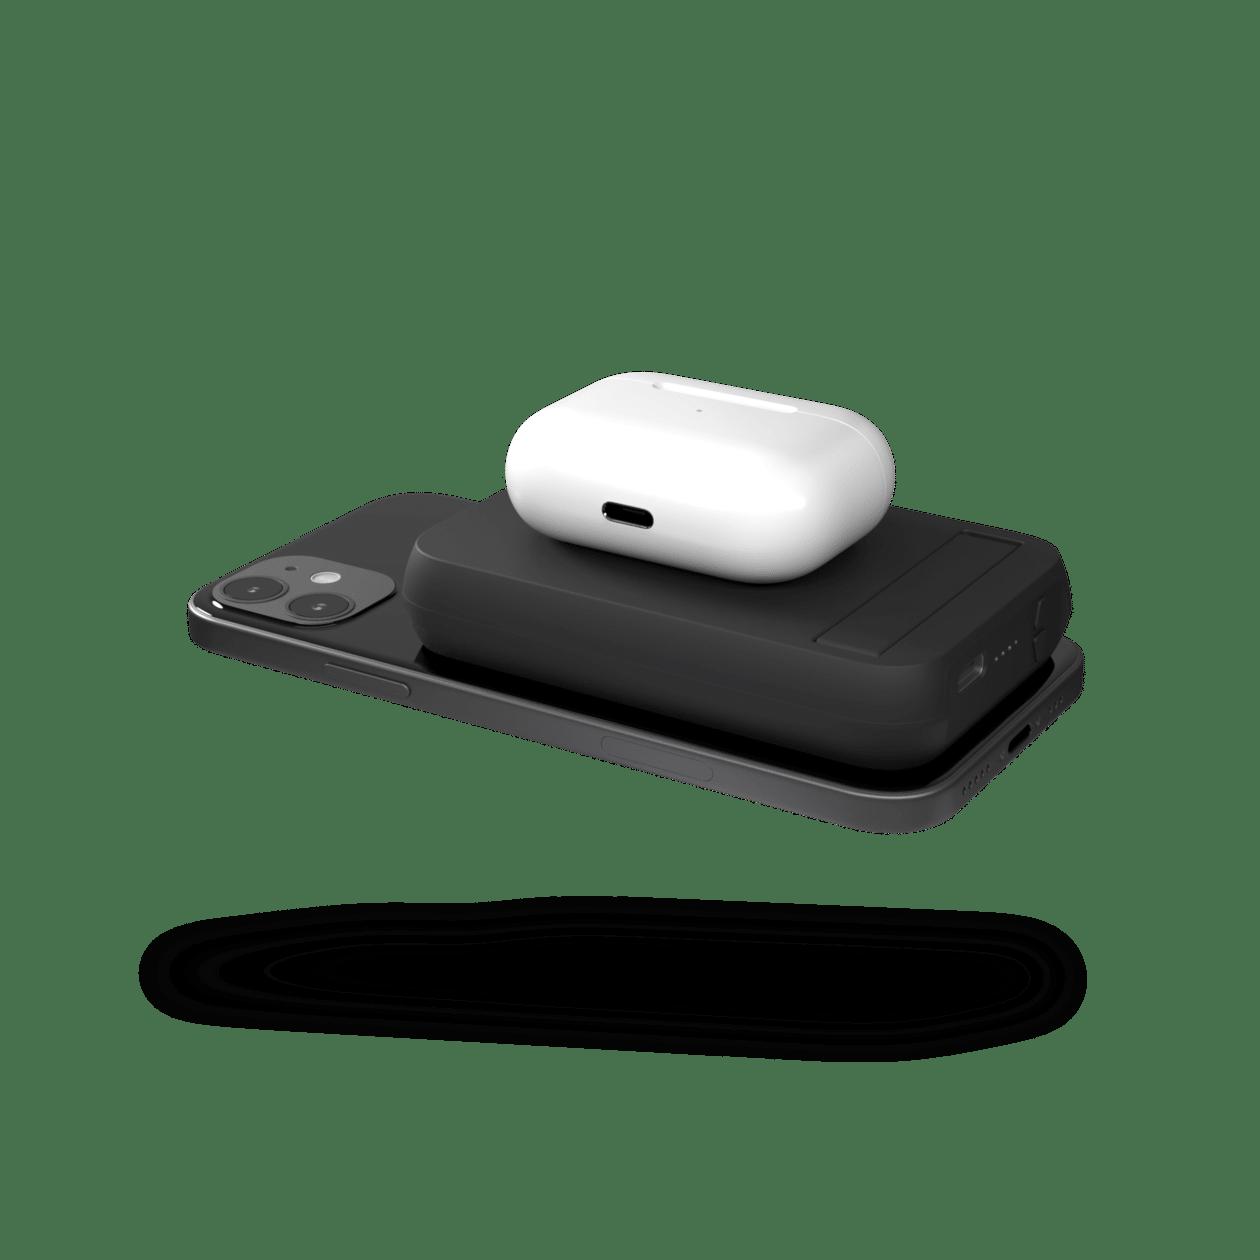 Modelo ZEPP03M, novo carregador MagSafe compatível com os iPhones 12 da ZENS